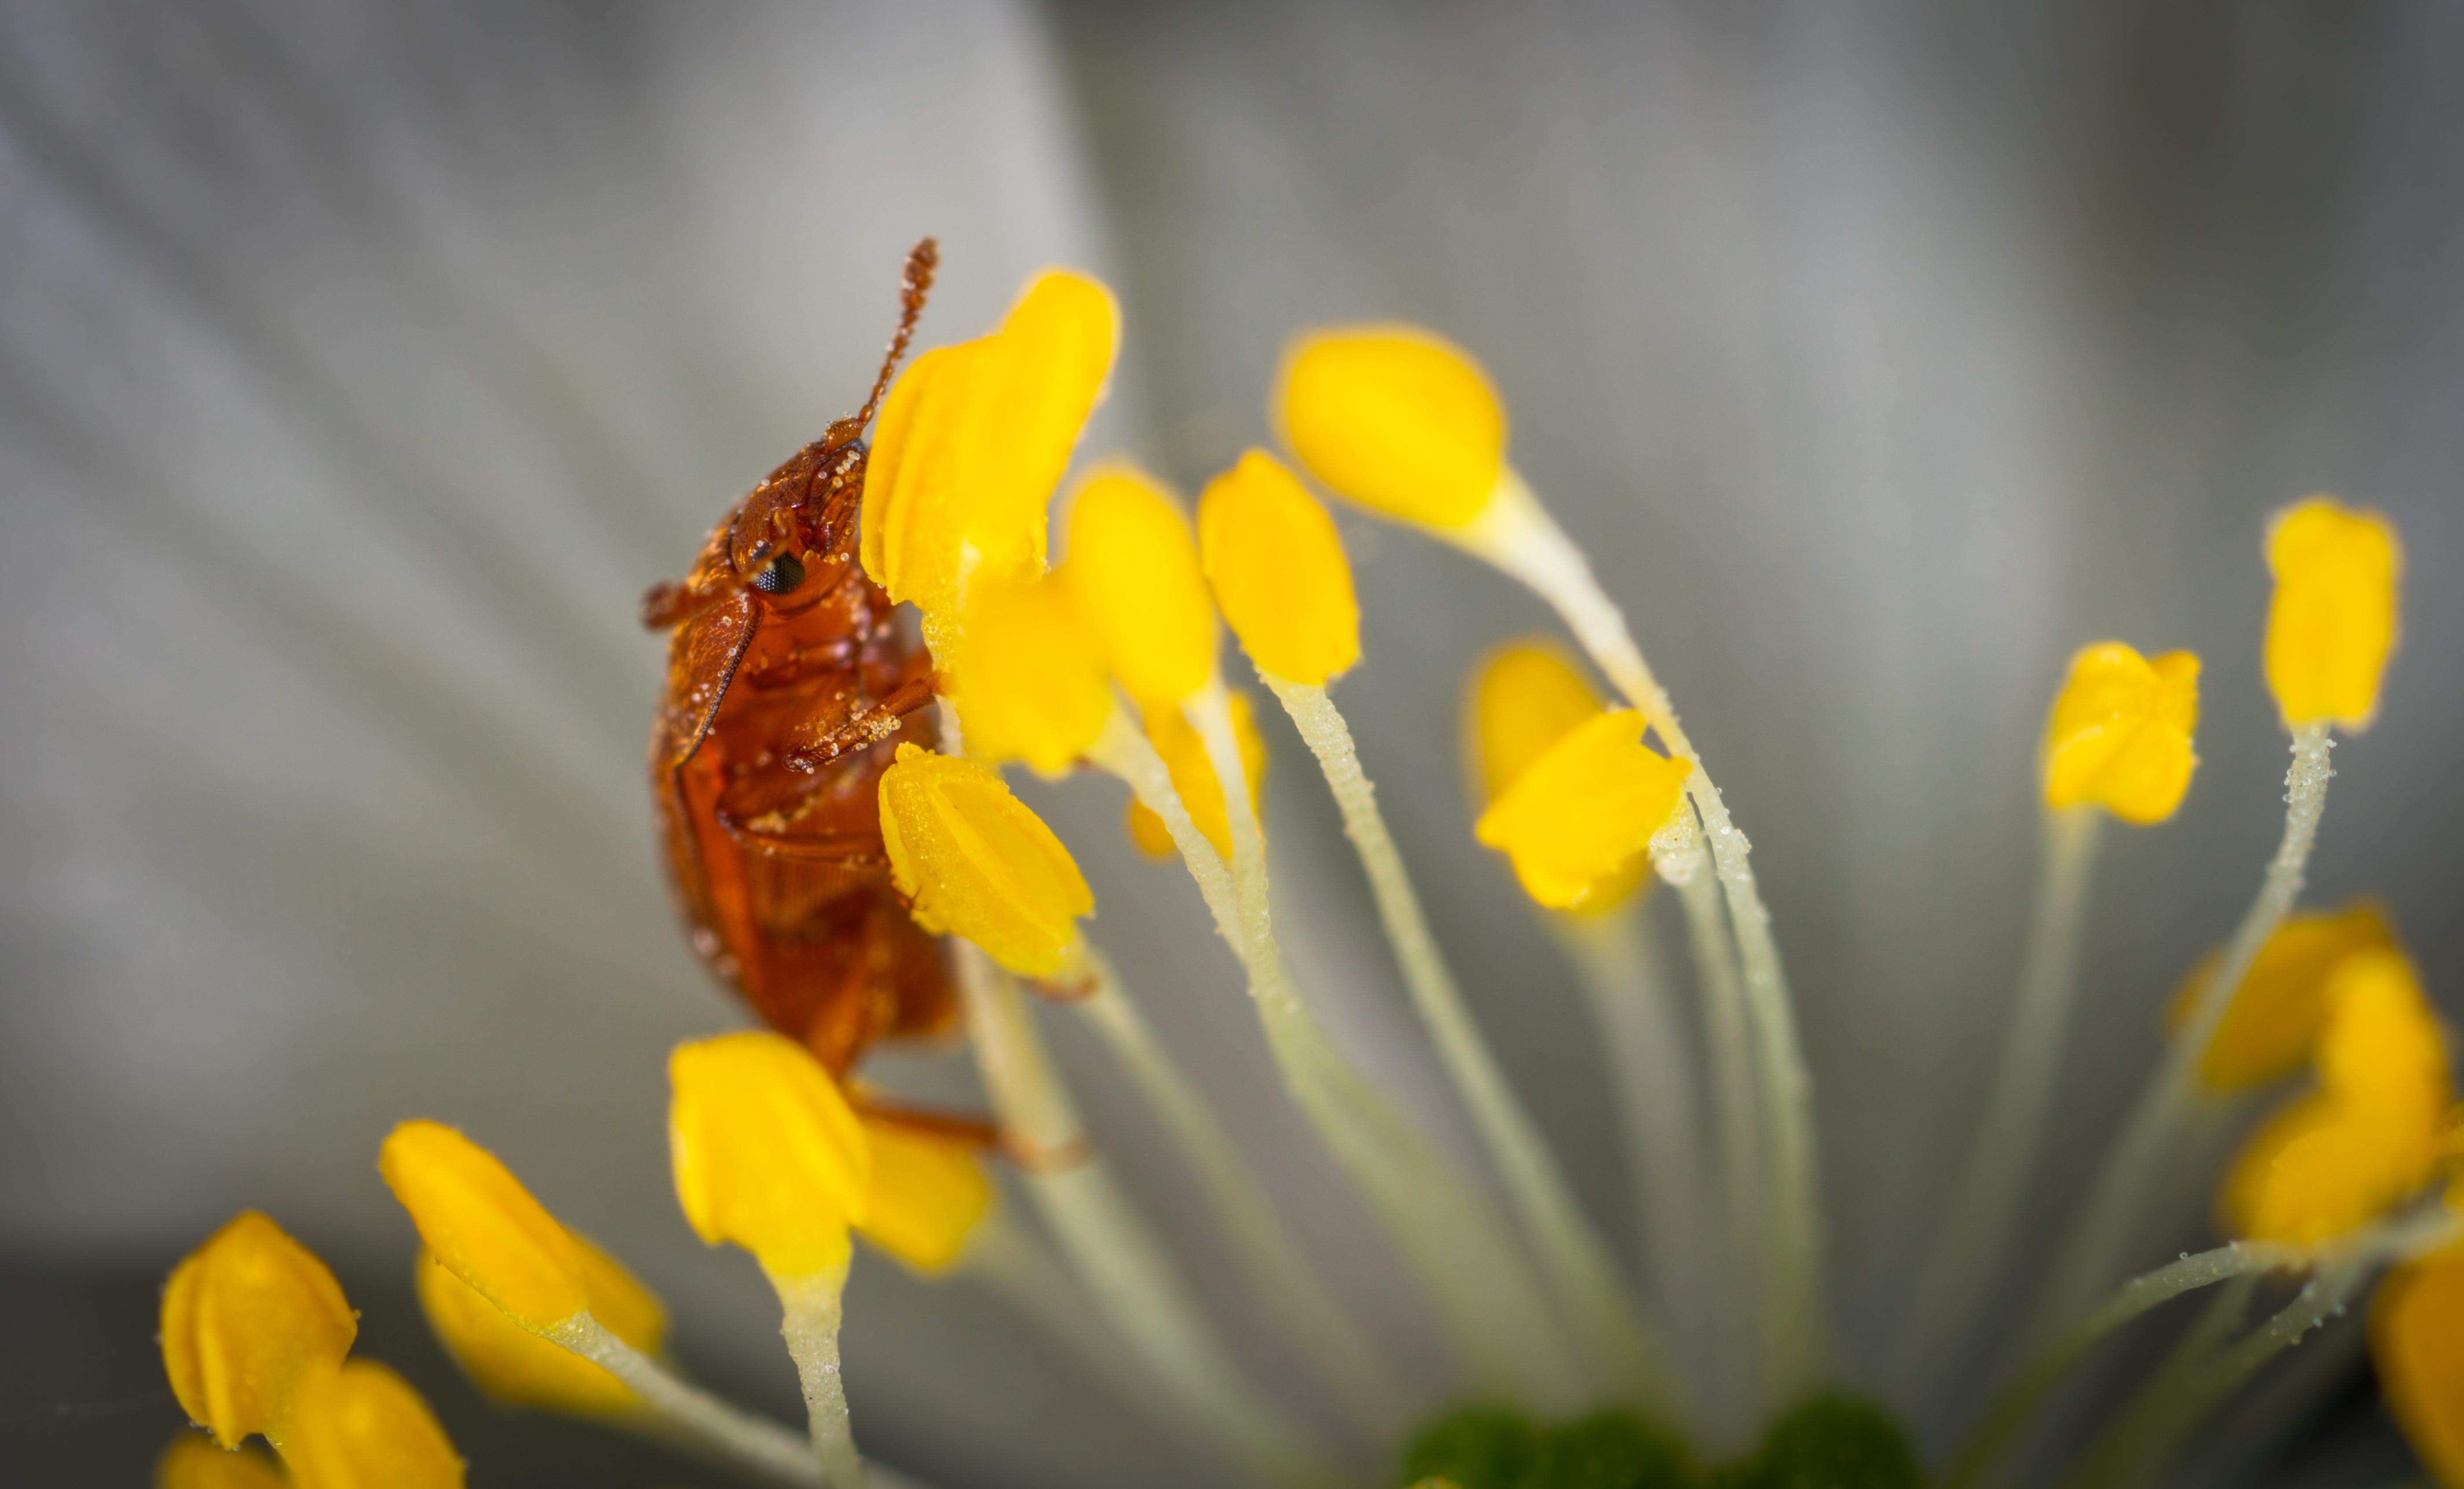 Brown Beetle on Yellow Petaled Flowers